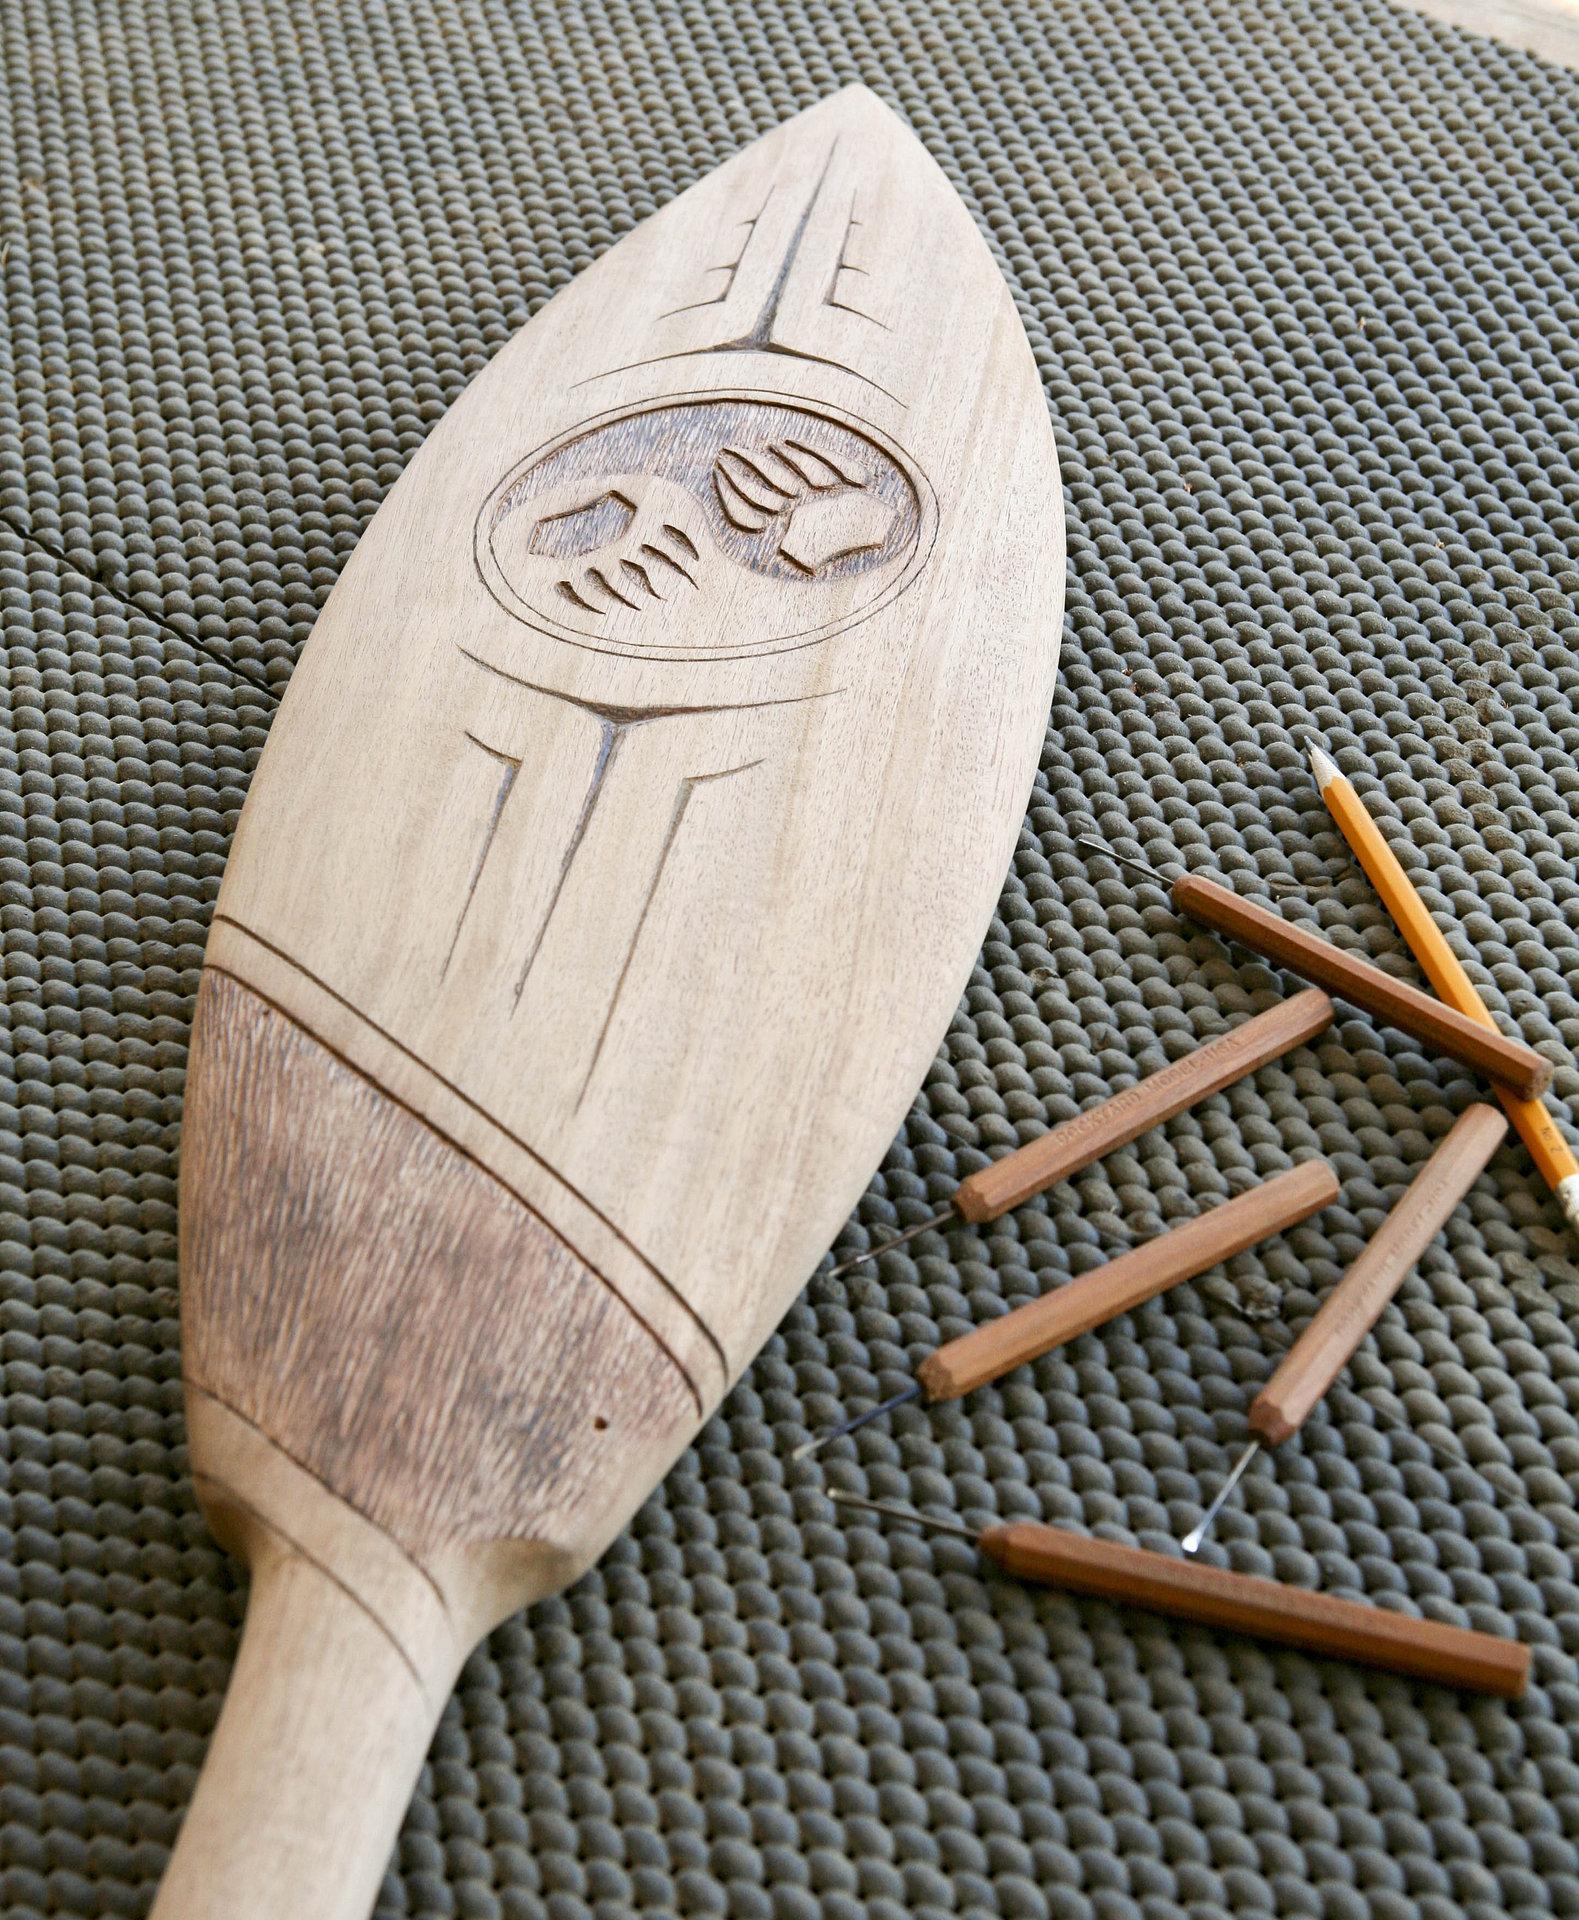 Haida paddle